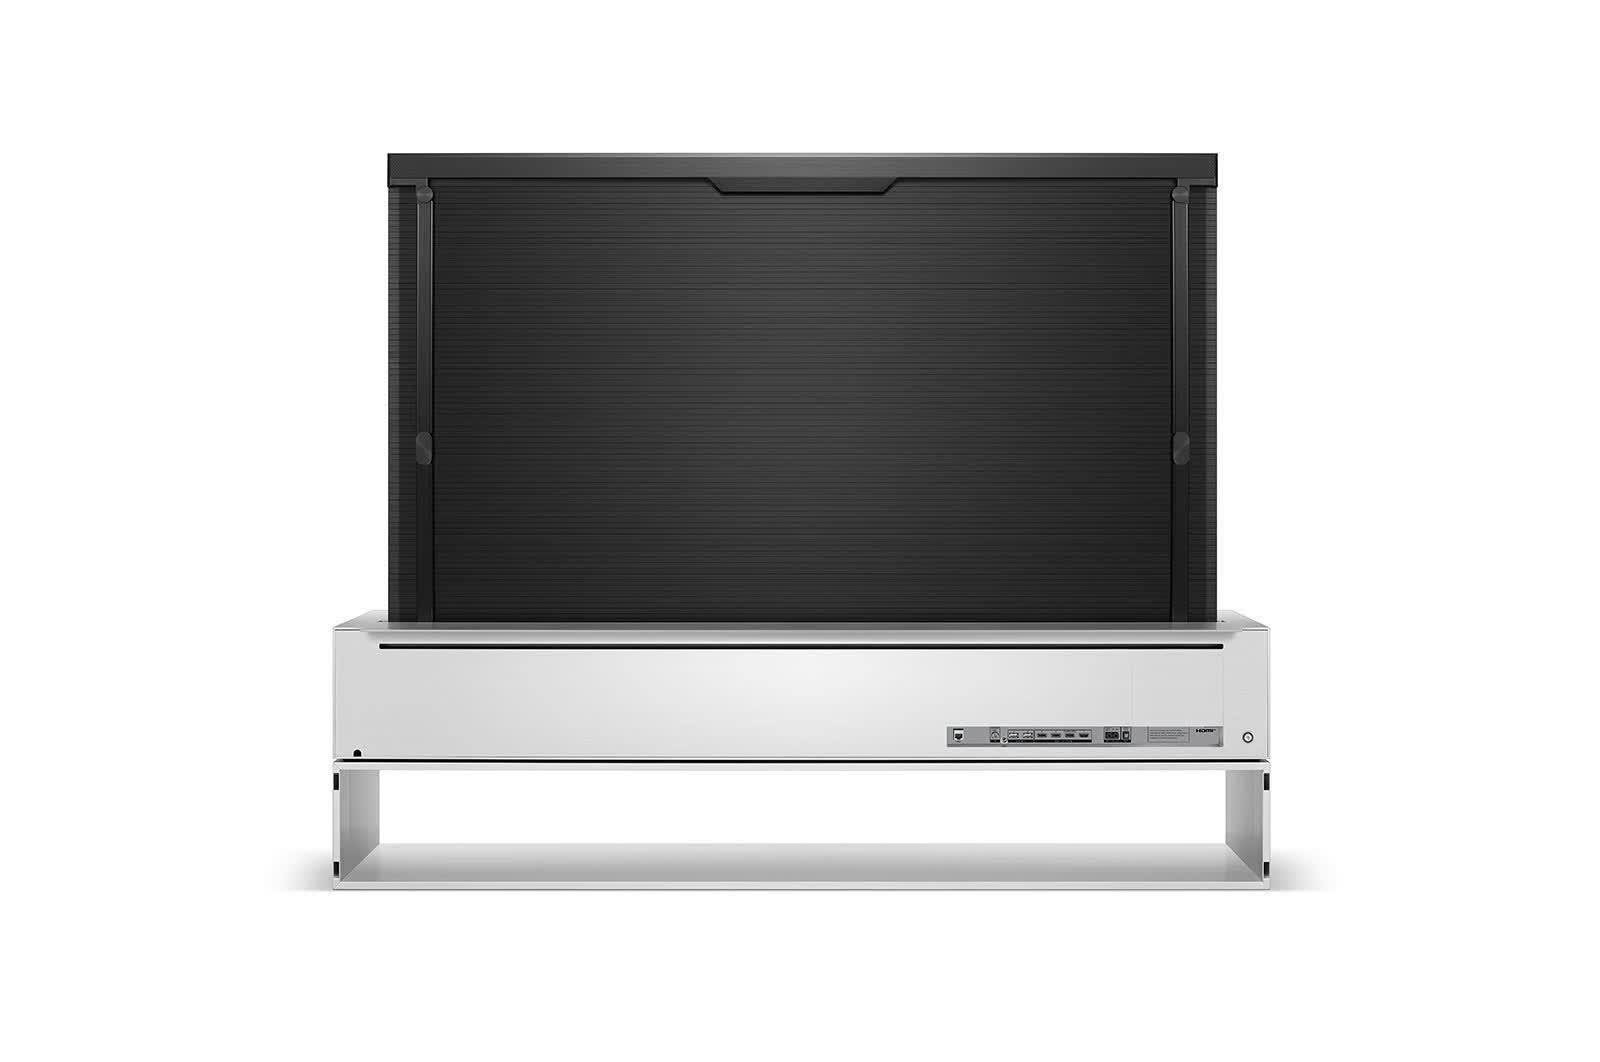 1626351282 399 Le televiseur OLED 4K enroulable de LG arrive aux Etats Unis